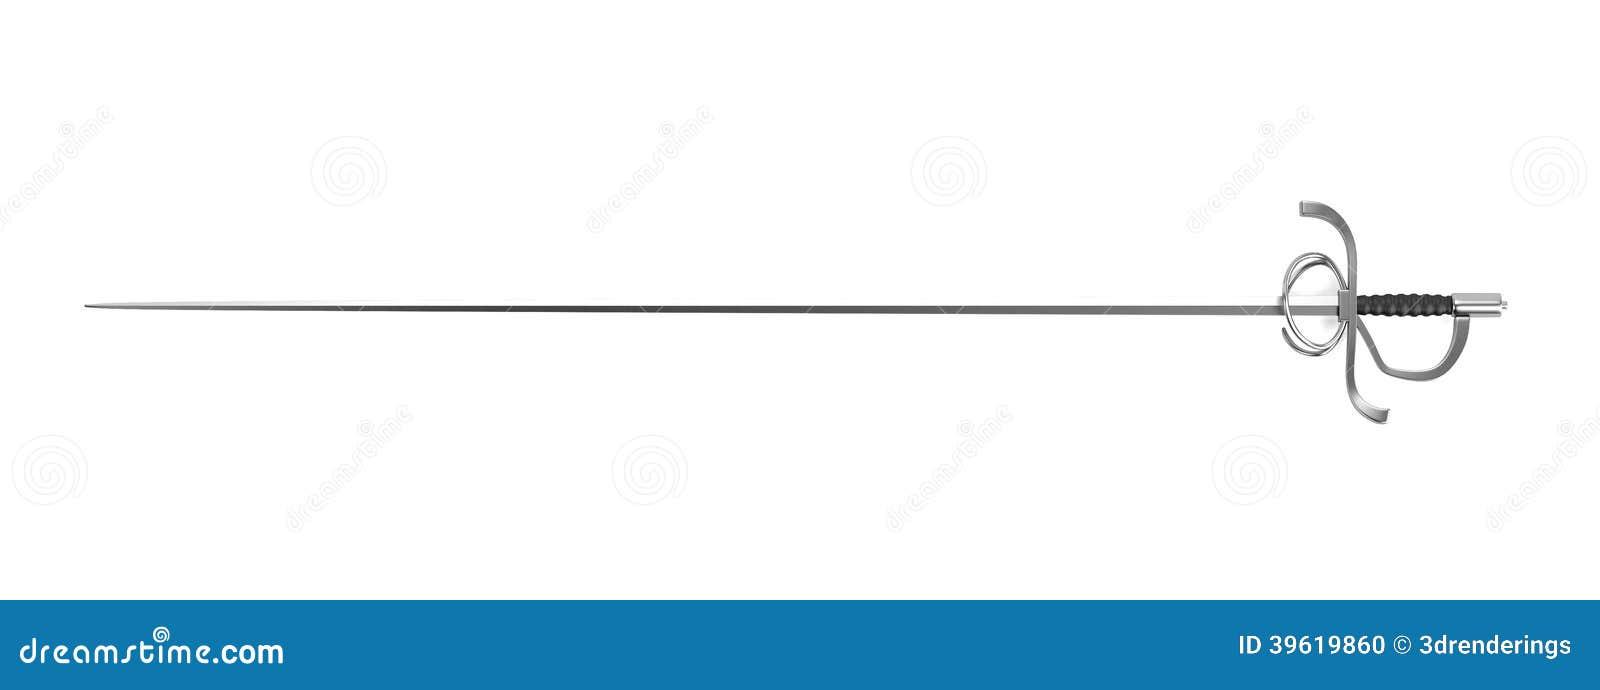 3d Render Of Rapier Stock Illustration - Image: 39619860